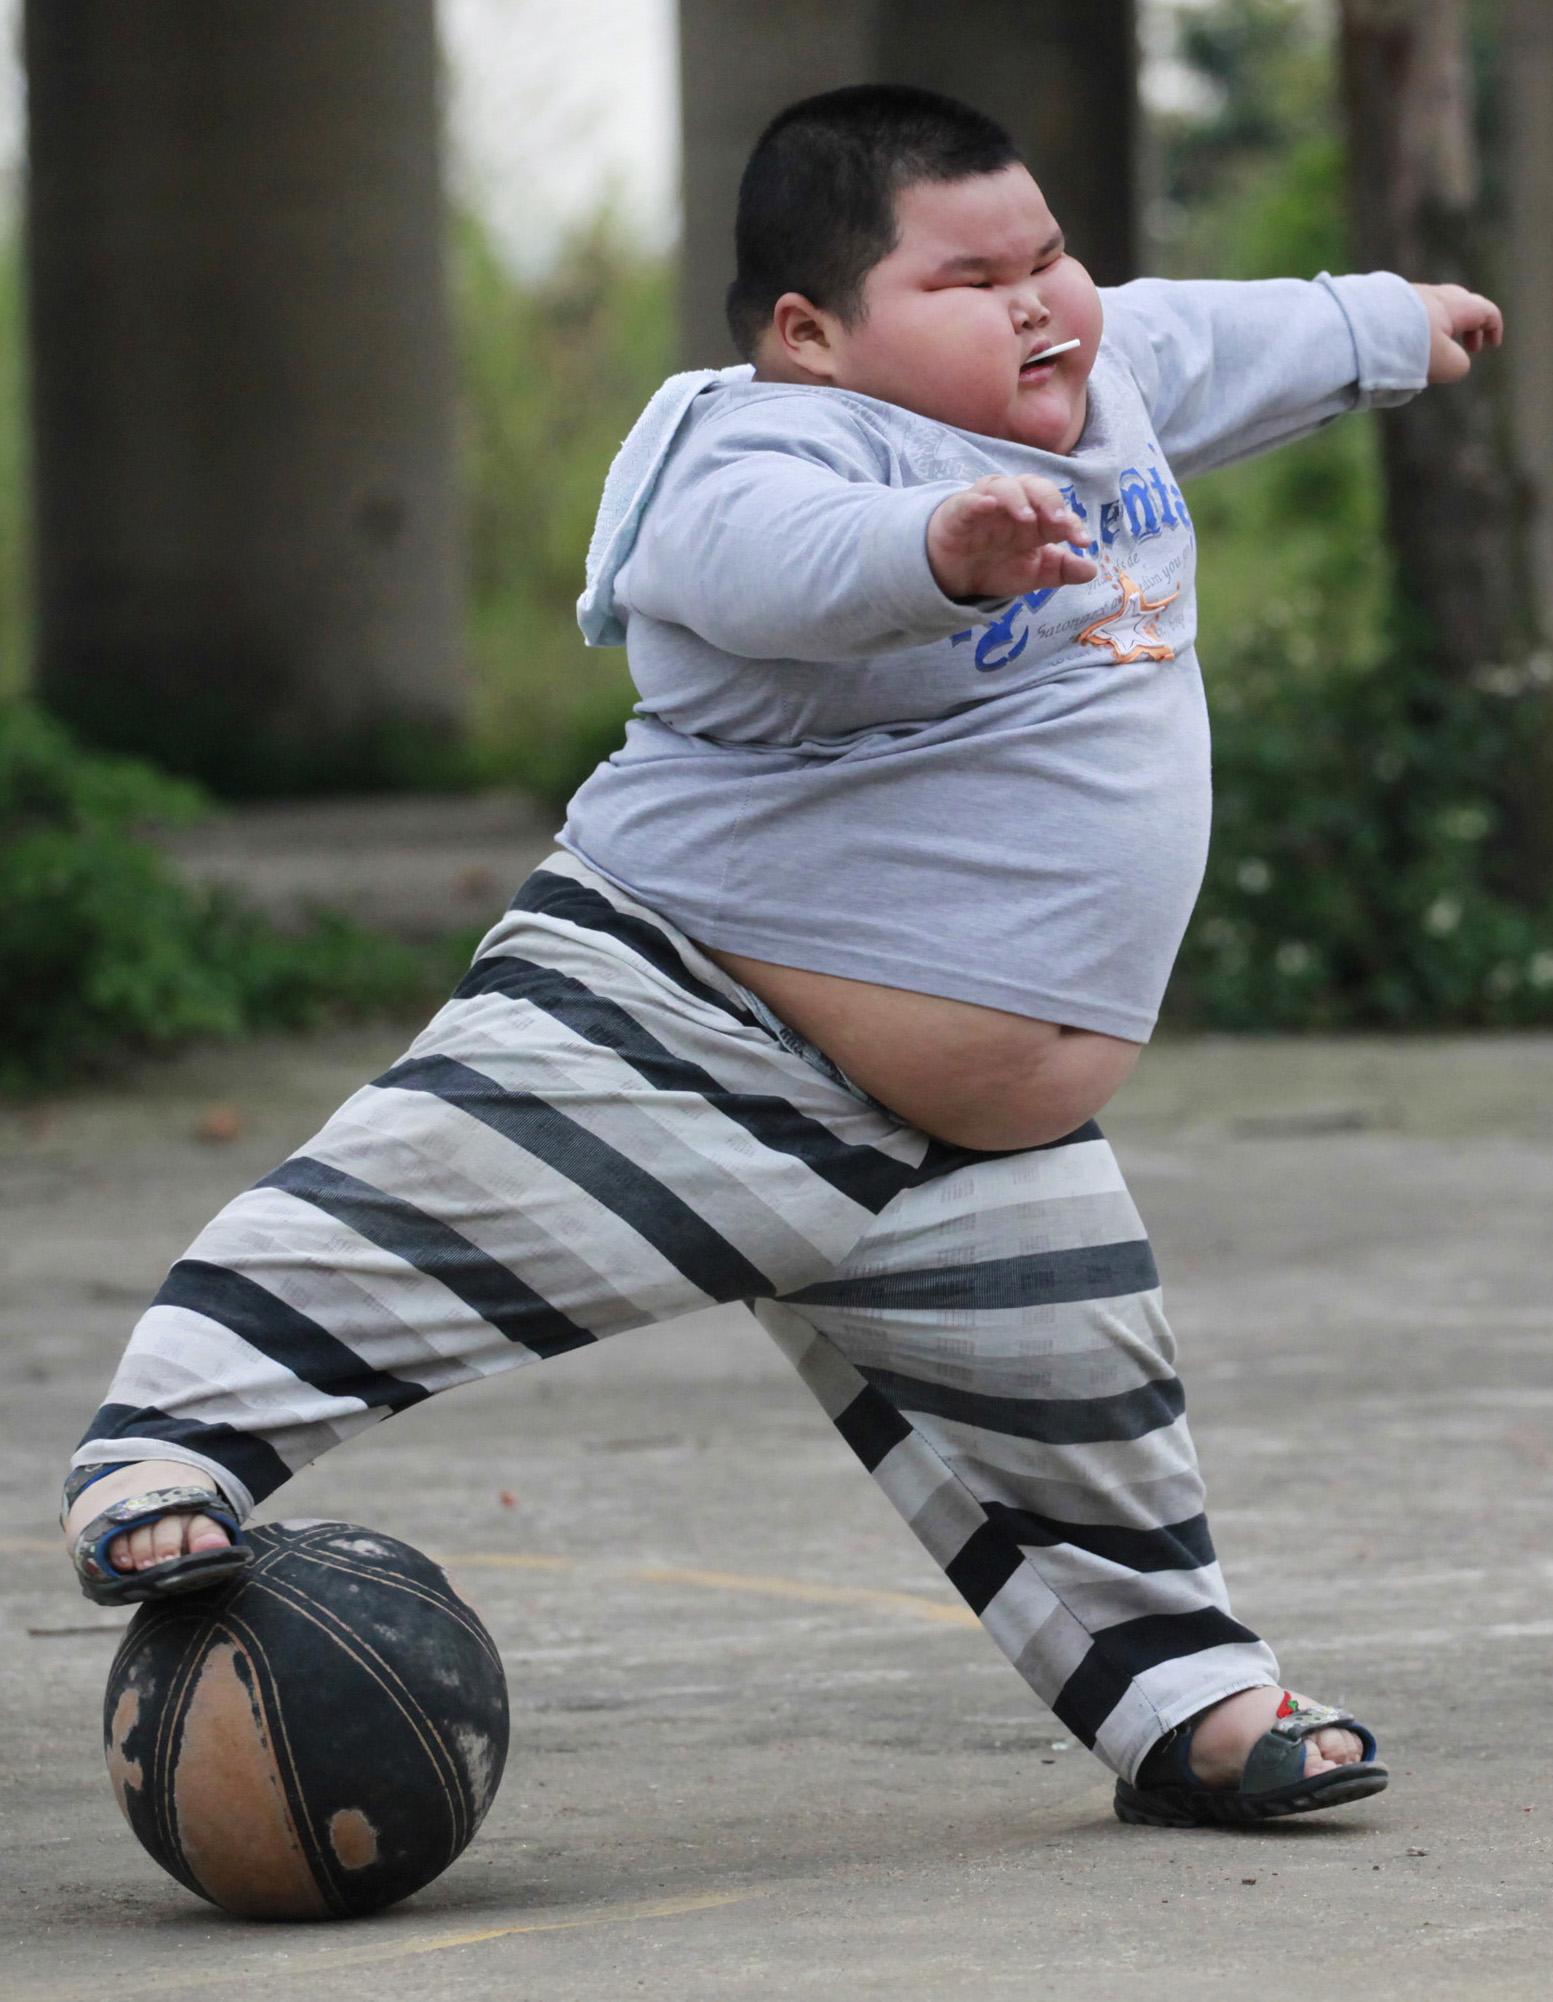 child-obesity-crop.jpg